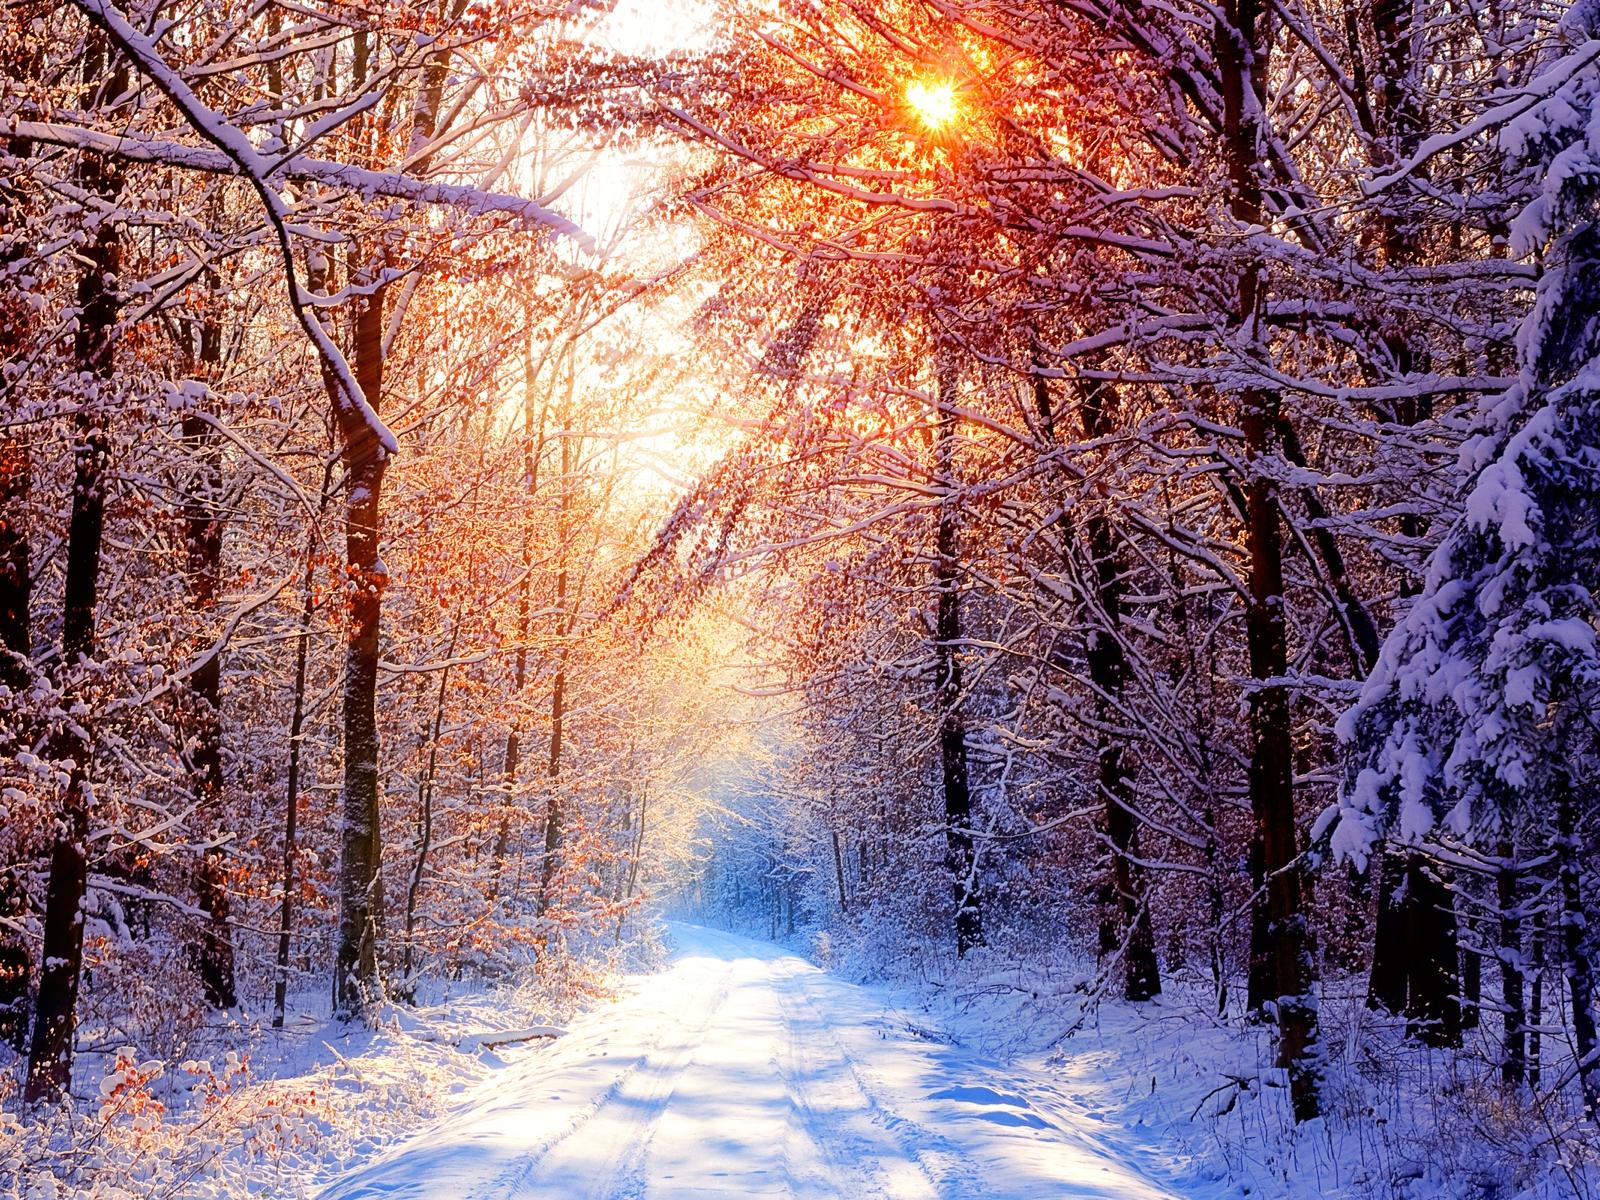 sunny winter день Обои